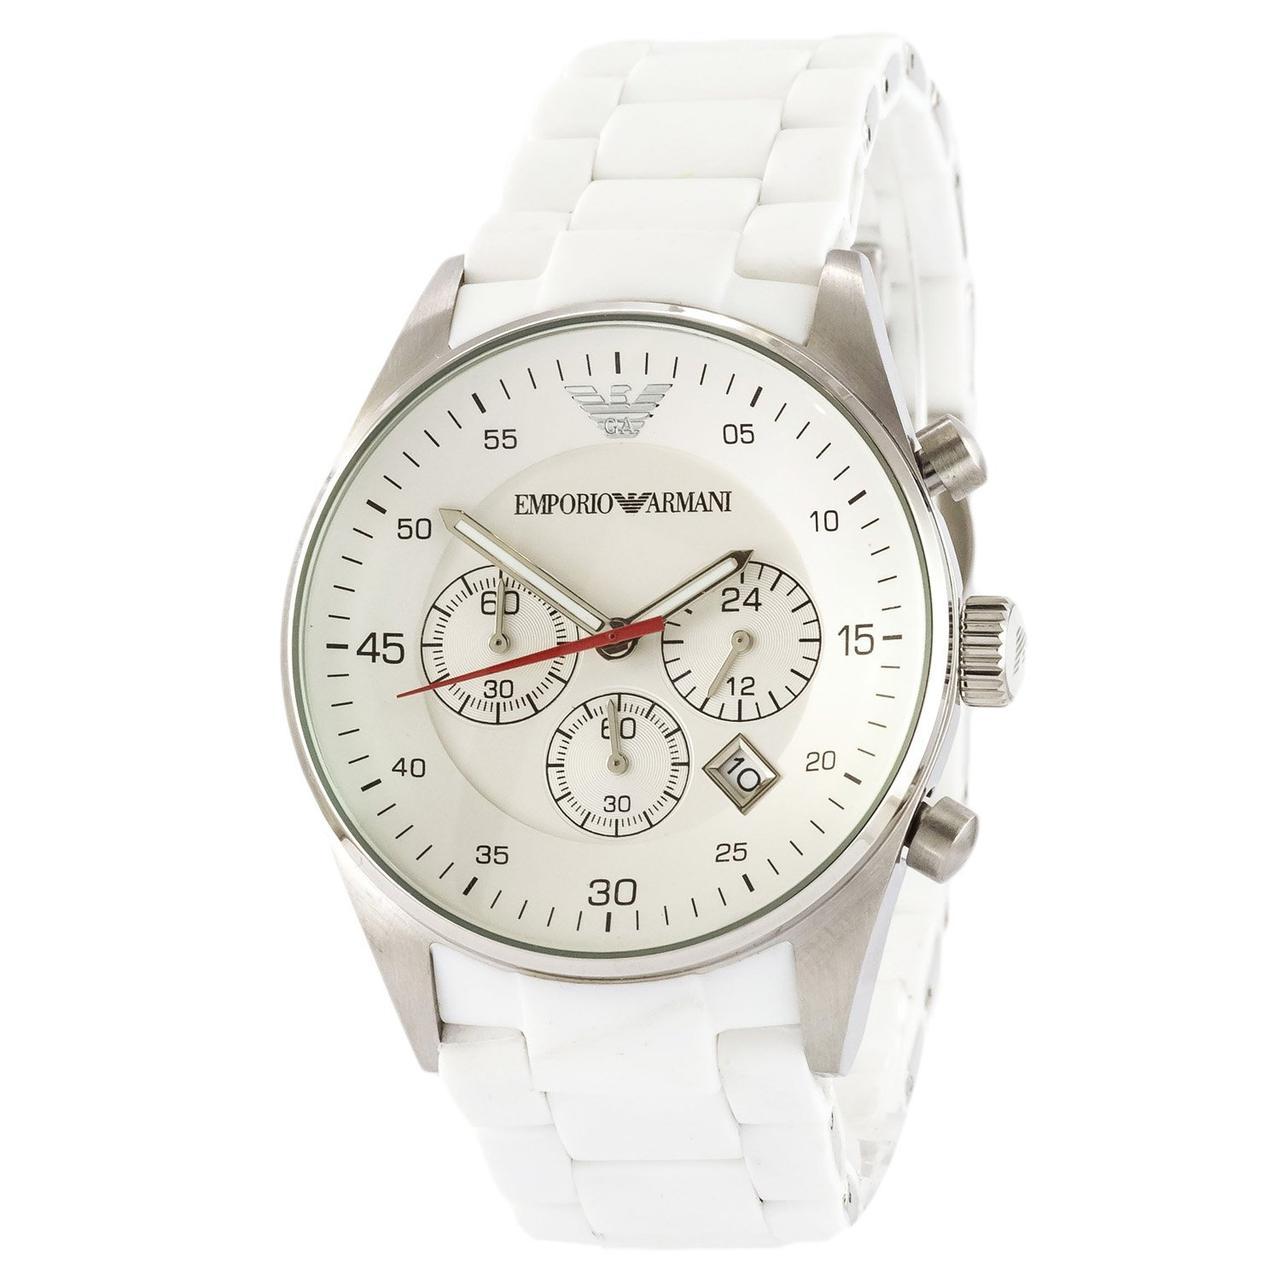 Часы наручные Emporio Armani AR-5905 White-Silver Silicone